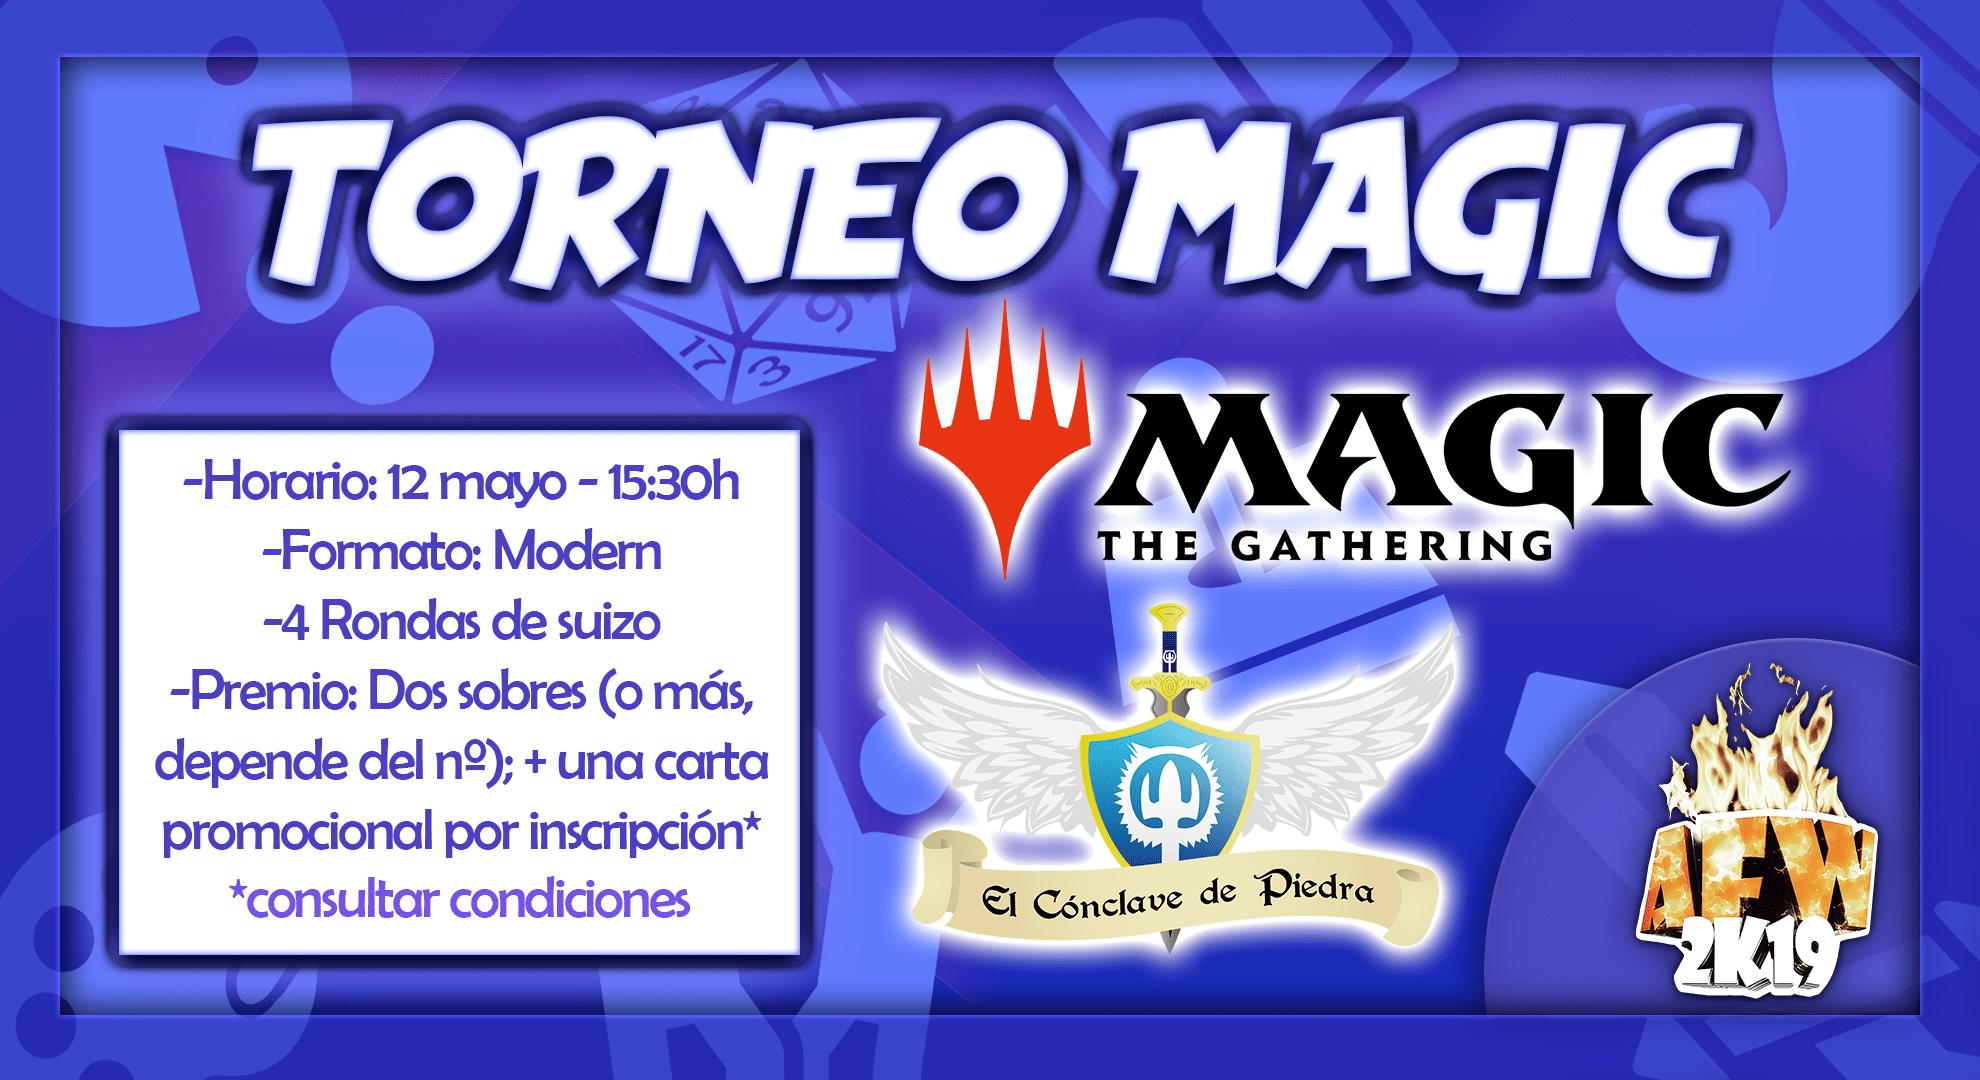 Torneo_Magic